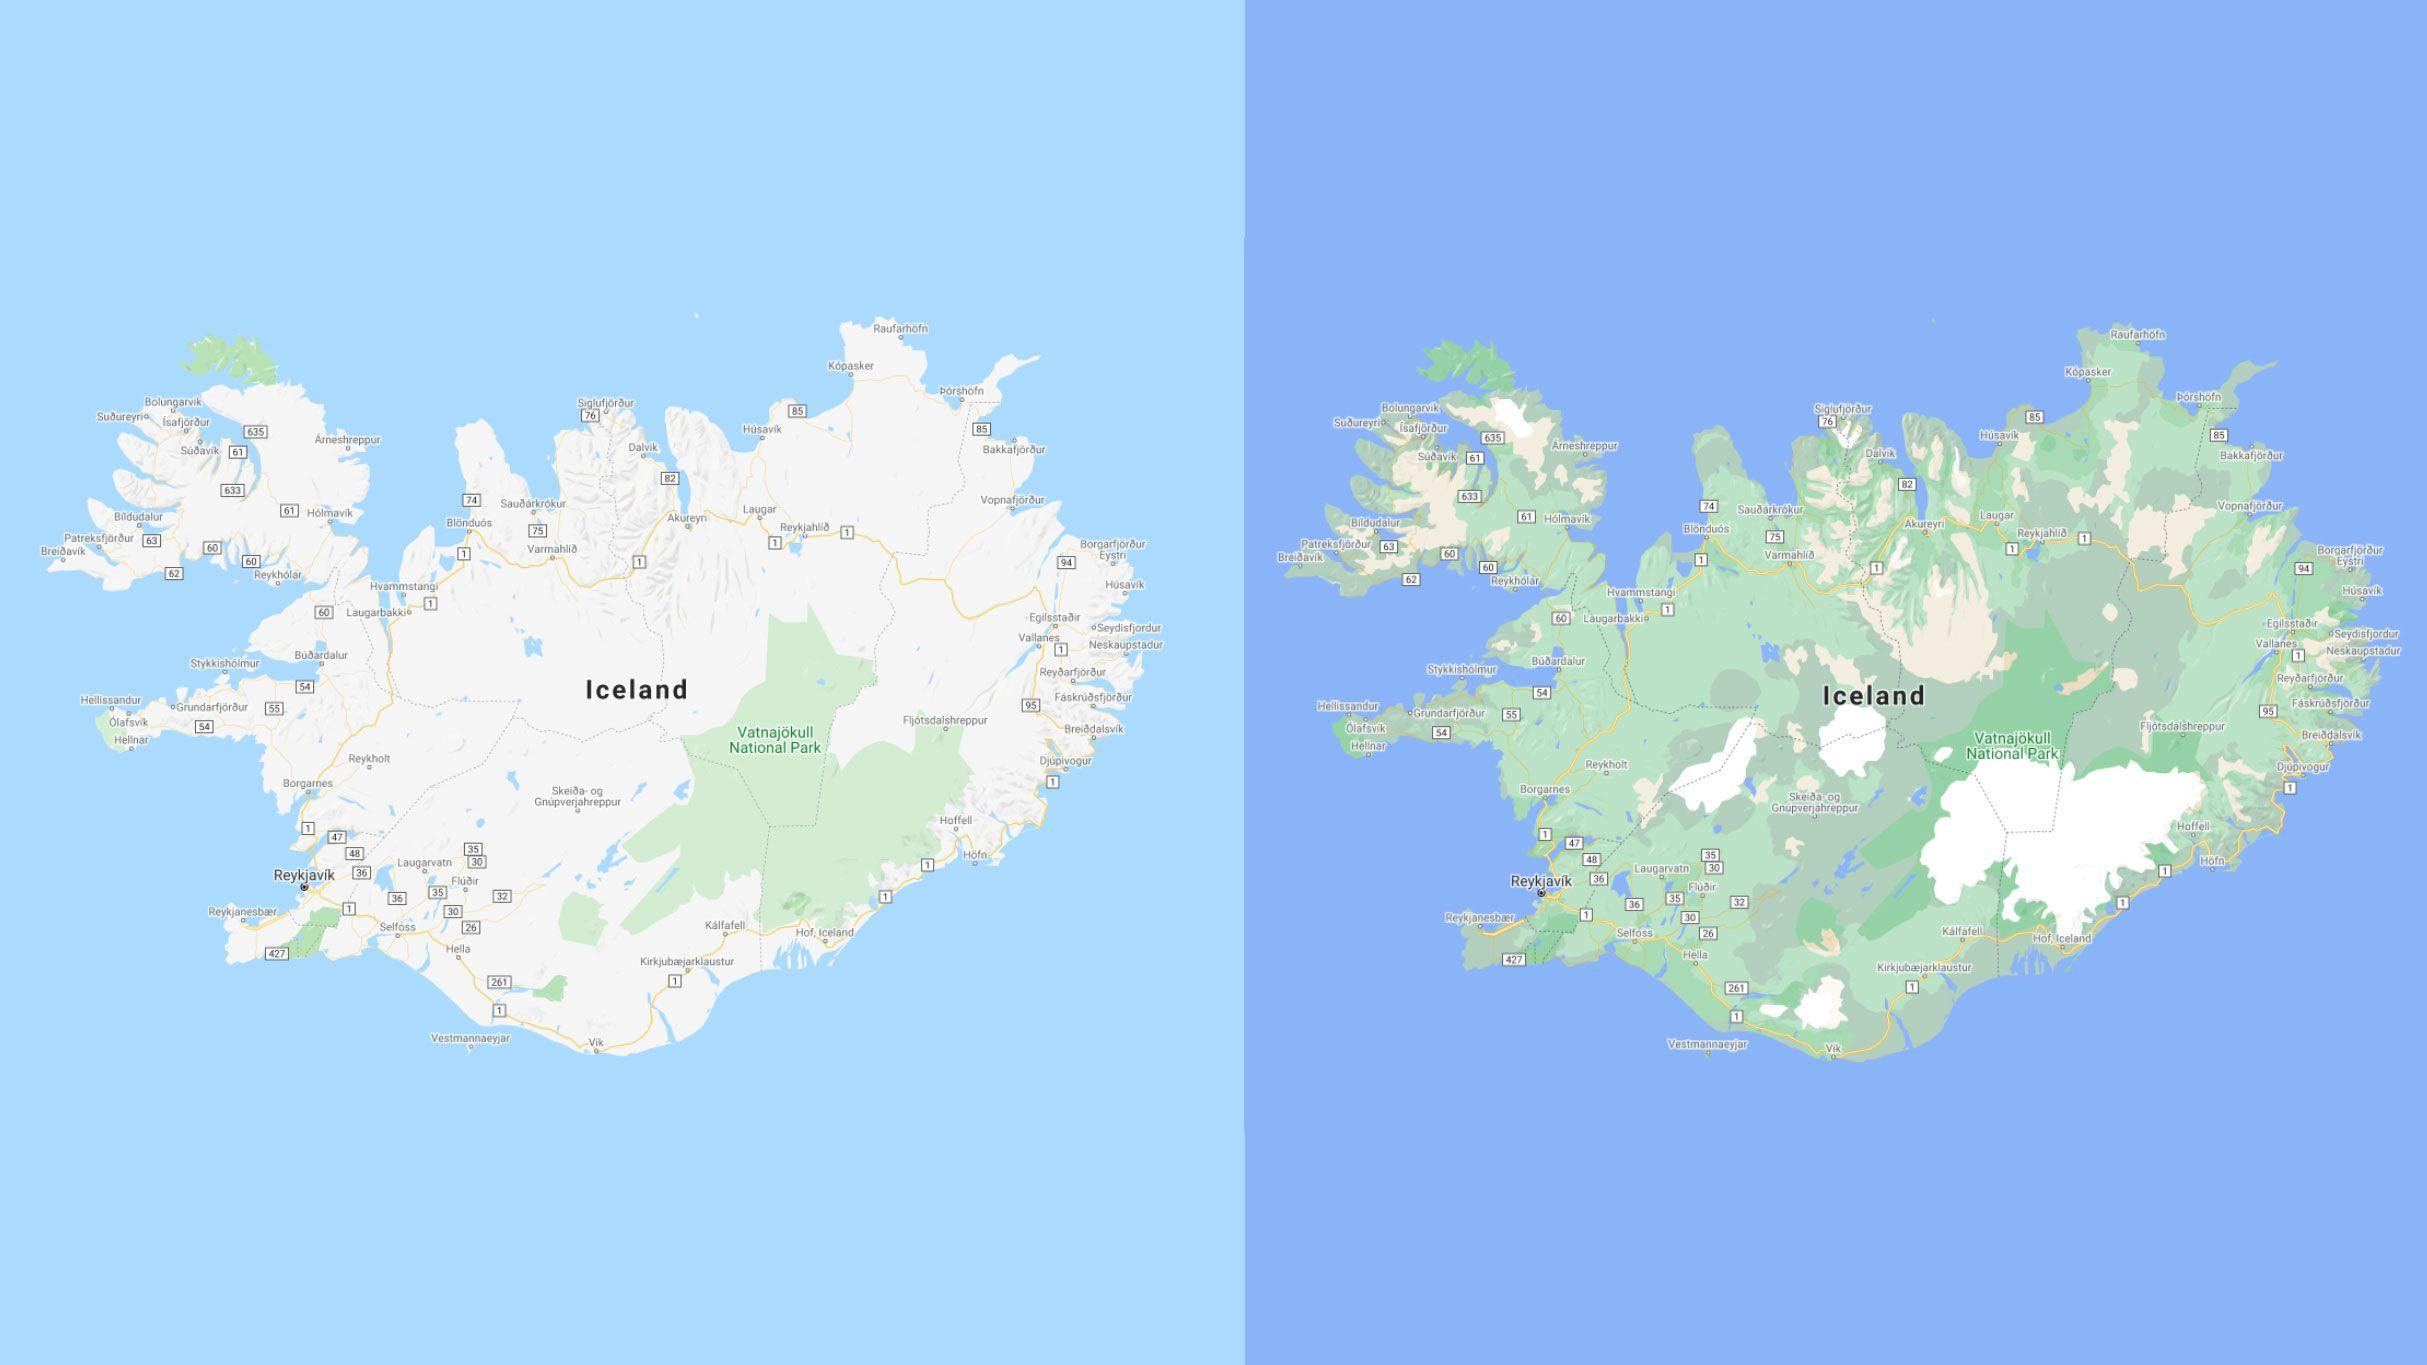 Det blir mye lettere å se de forskjellige naturområdene på Island etter oppdateringen, med tydelige skiller der isbreene ligger.